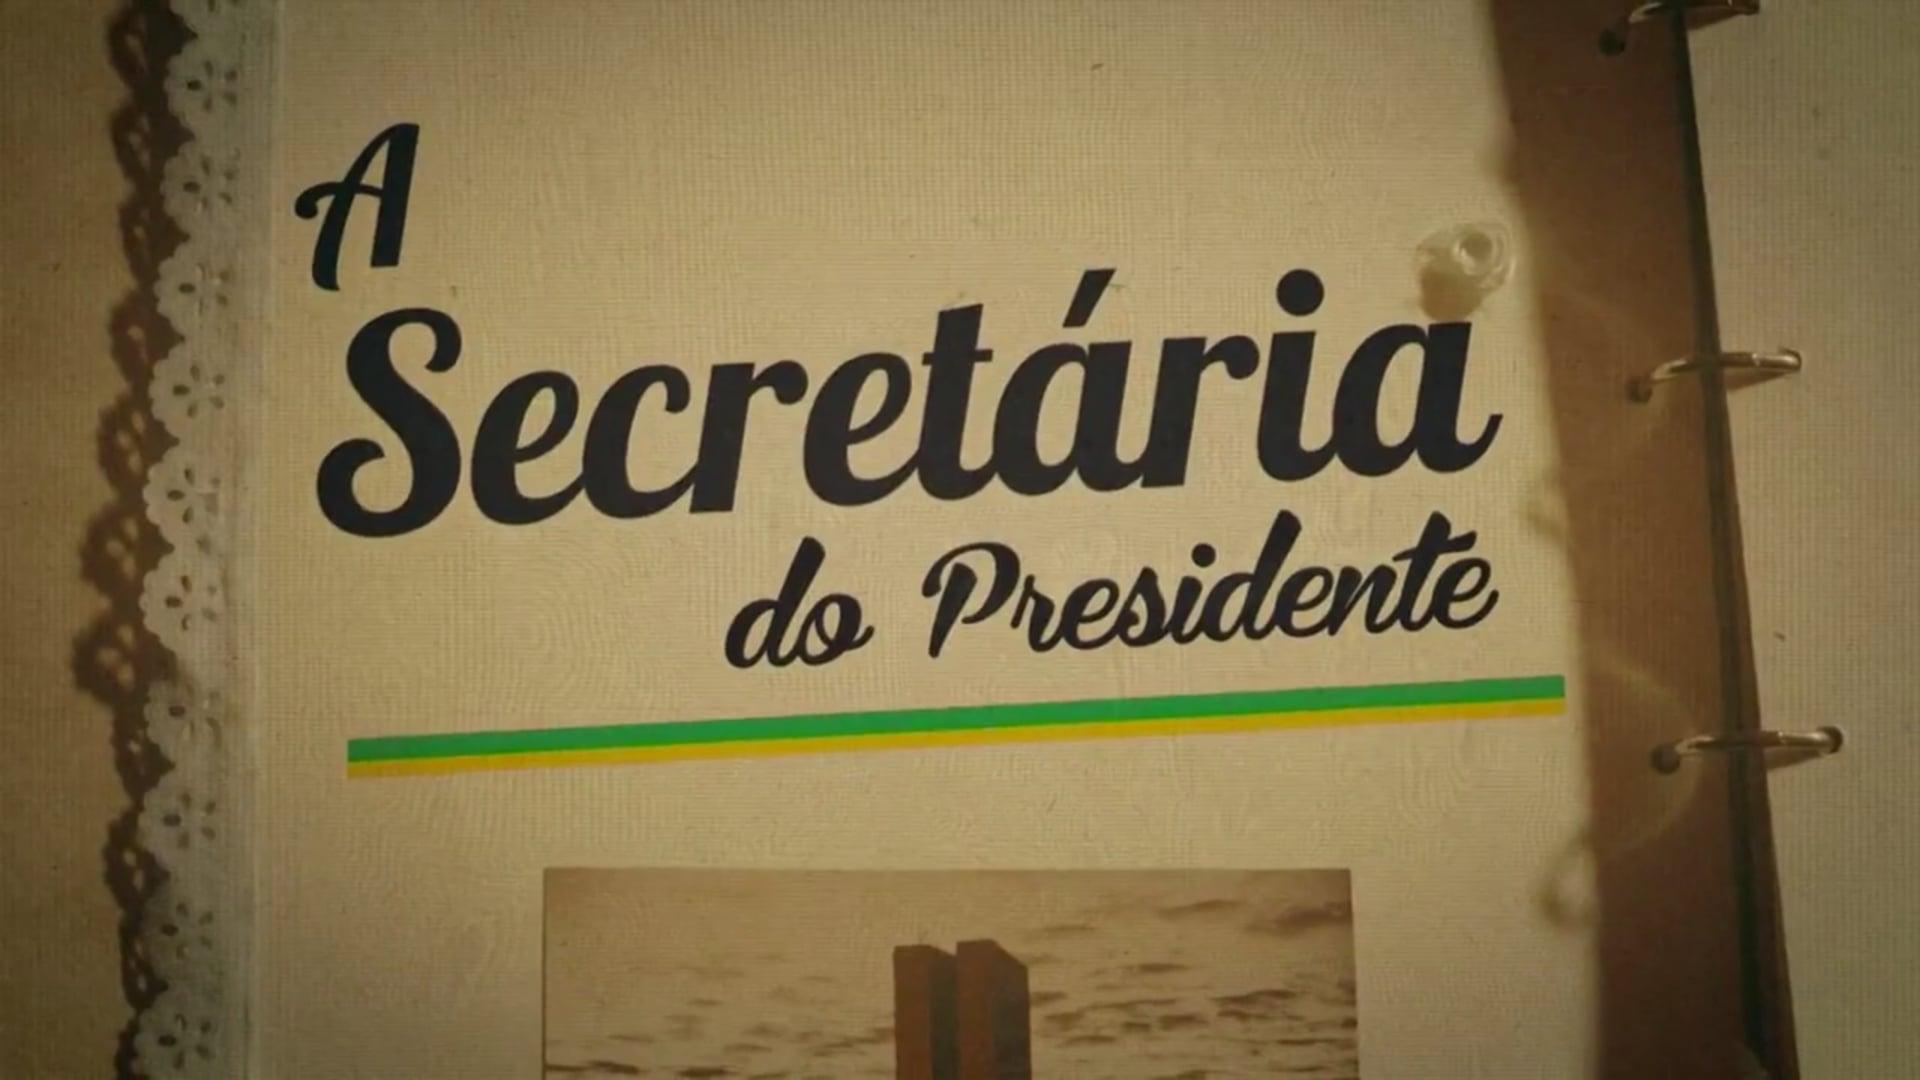 A Secretária do Presidente - Série de TV - Multishow